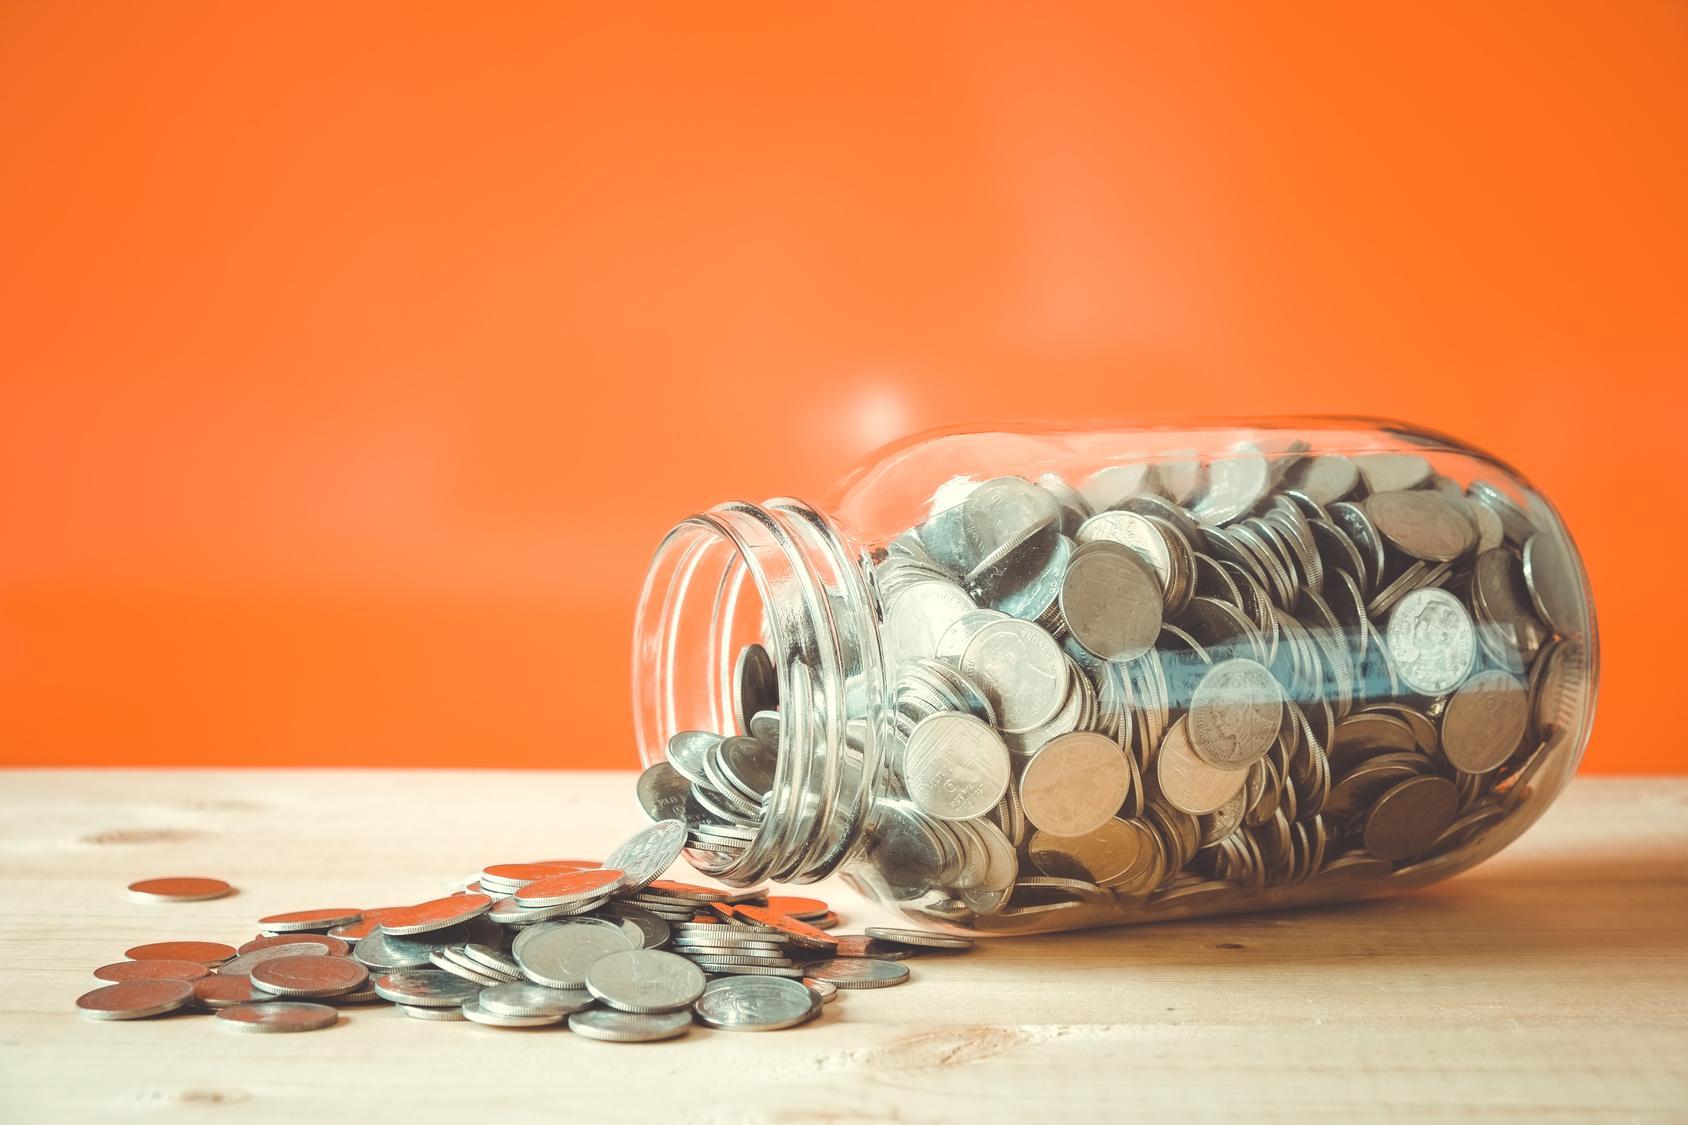 Stromverbrauch reduzieren und Geld sparen